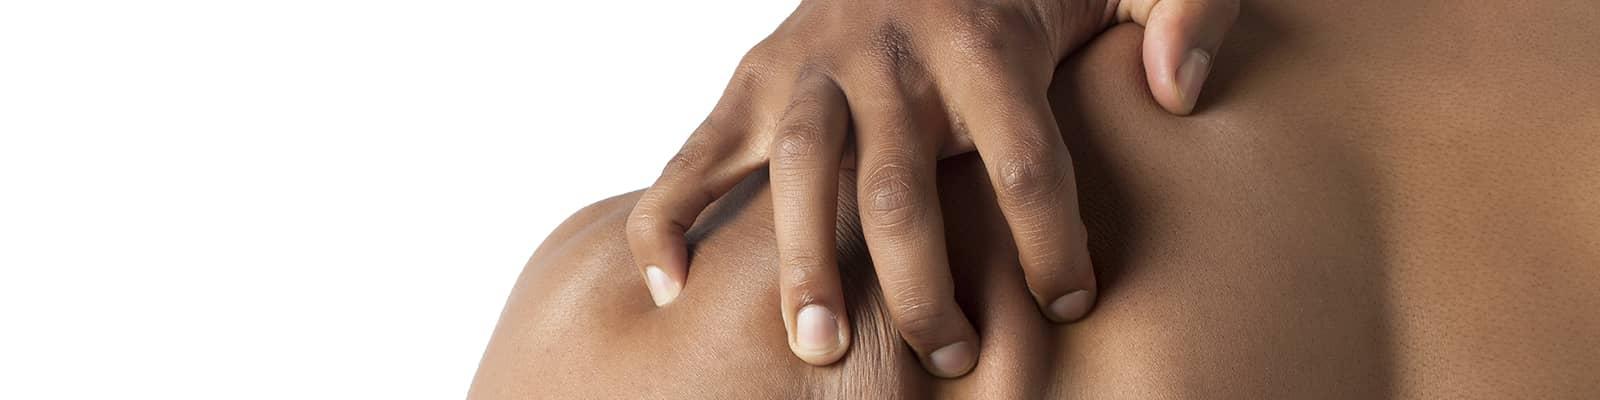 Automasajes para espalda y vientre